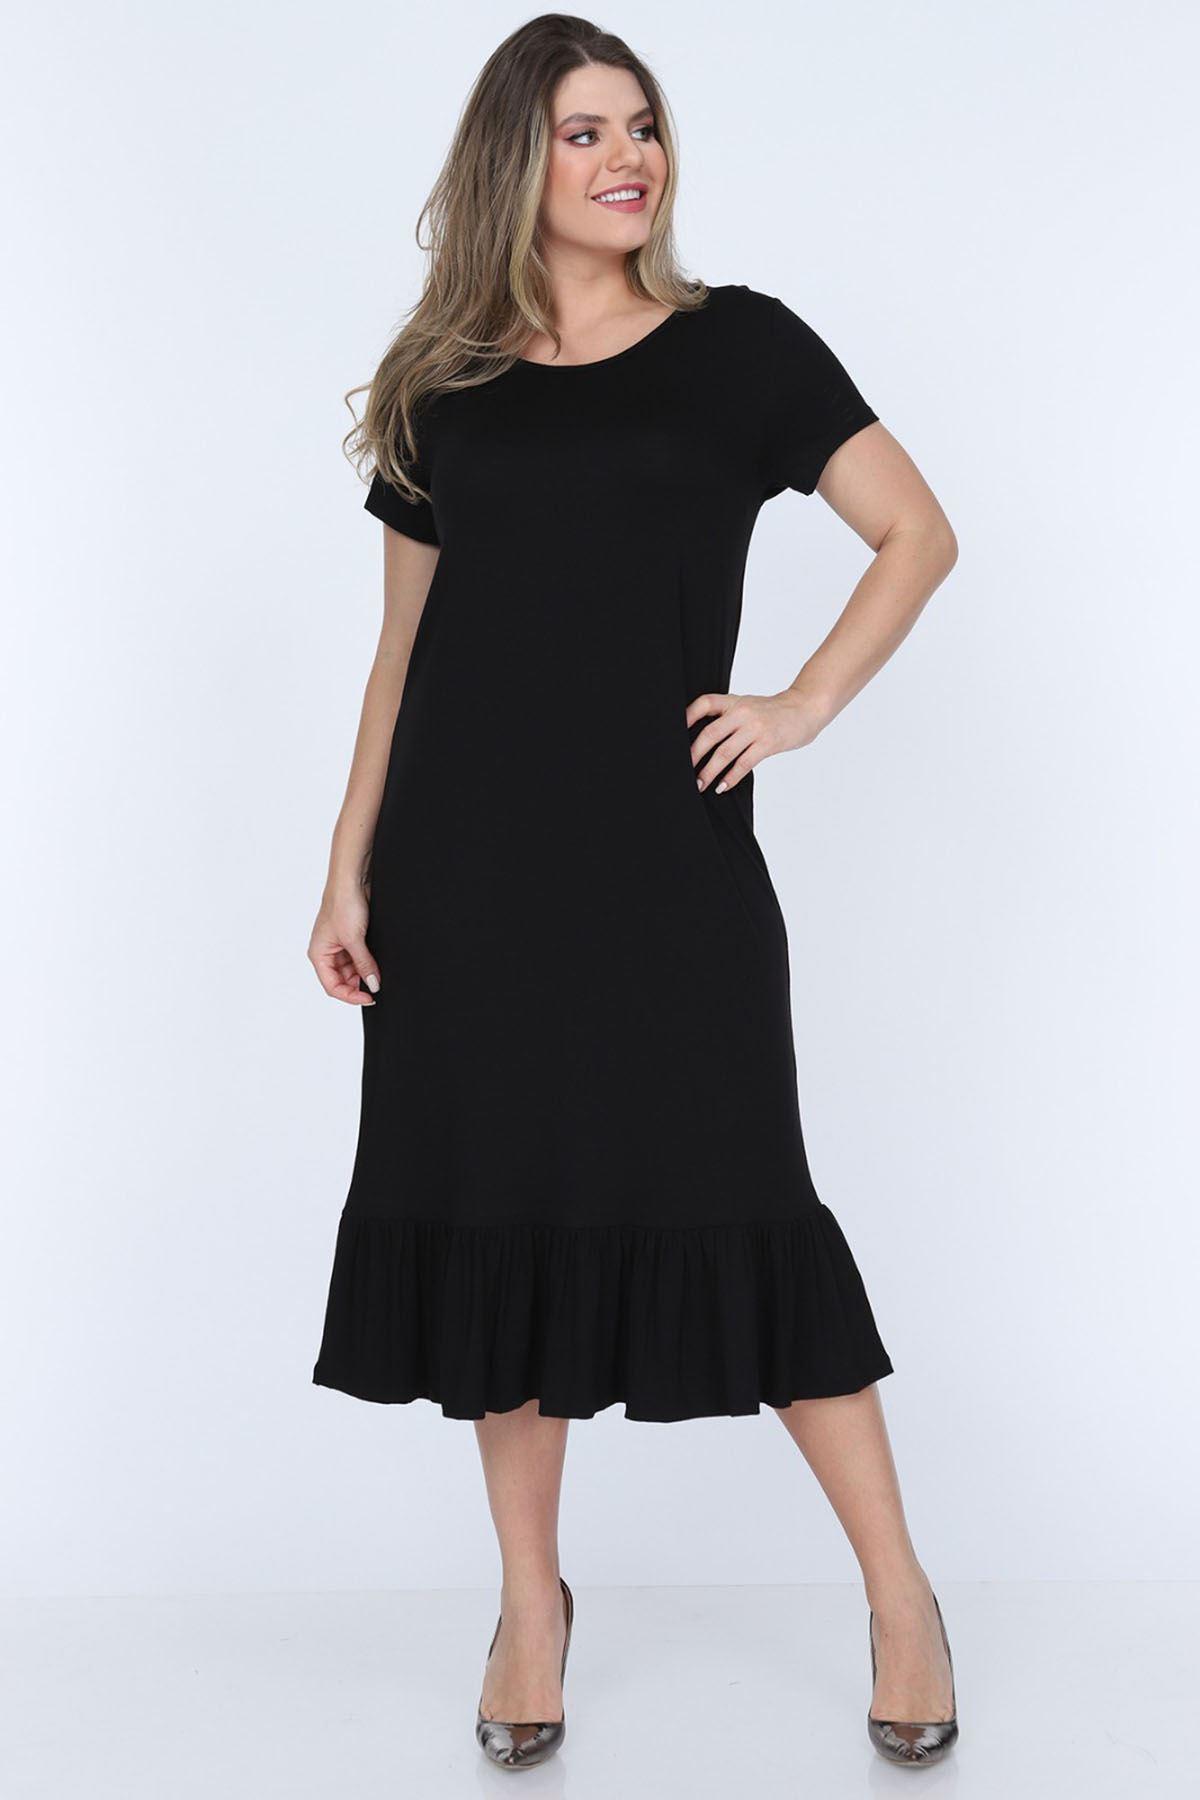 Siyah Fırfırlı Büyük Beden Elbise 11B-0703